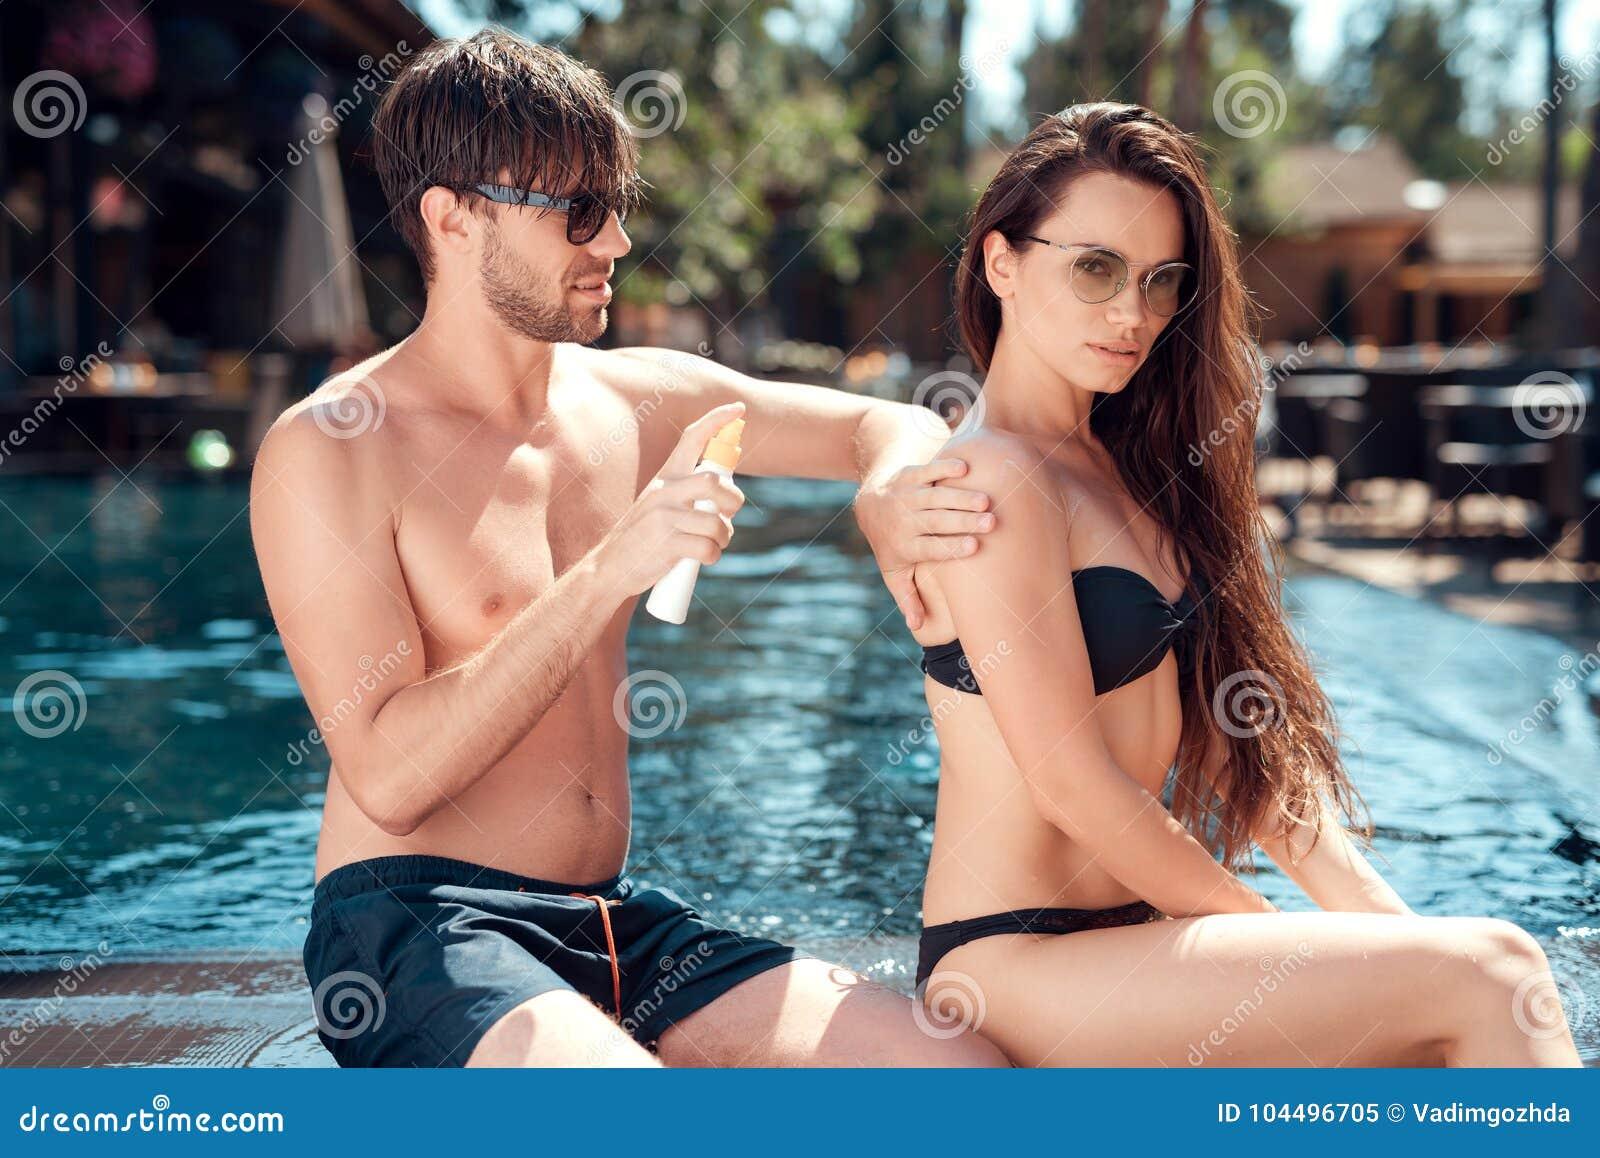 Парень трет заднюю часть ` s девушки с солнцезащитным кремом около бассейна